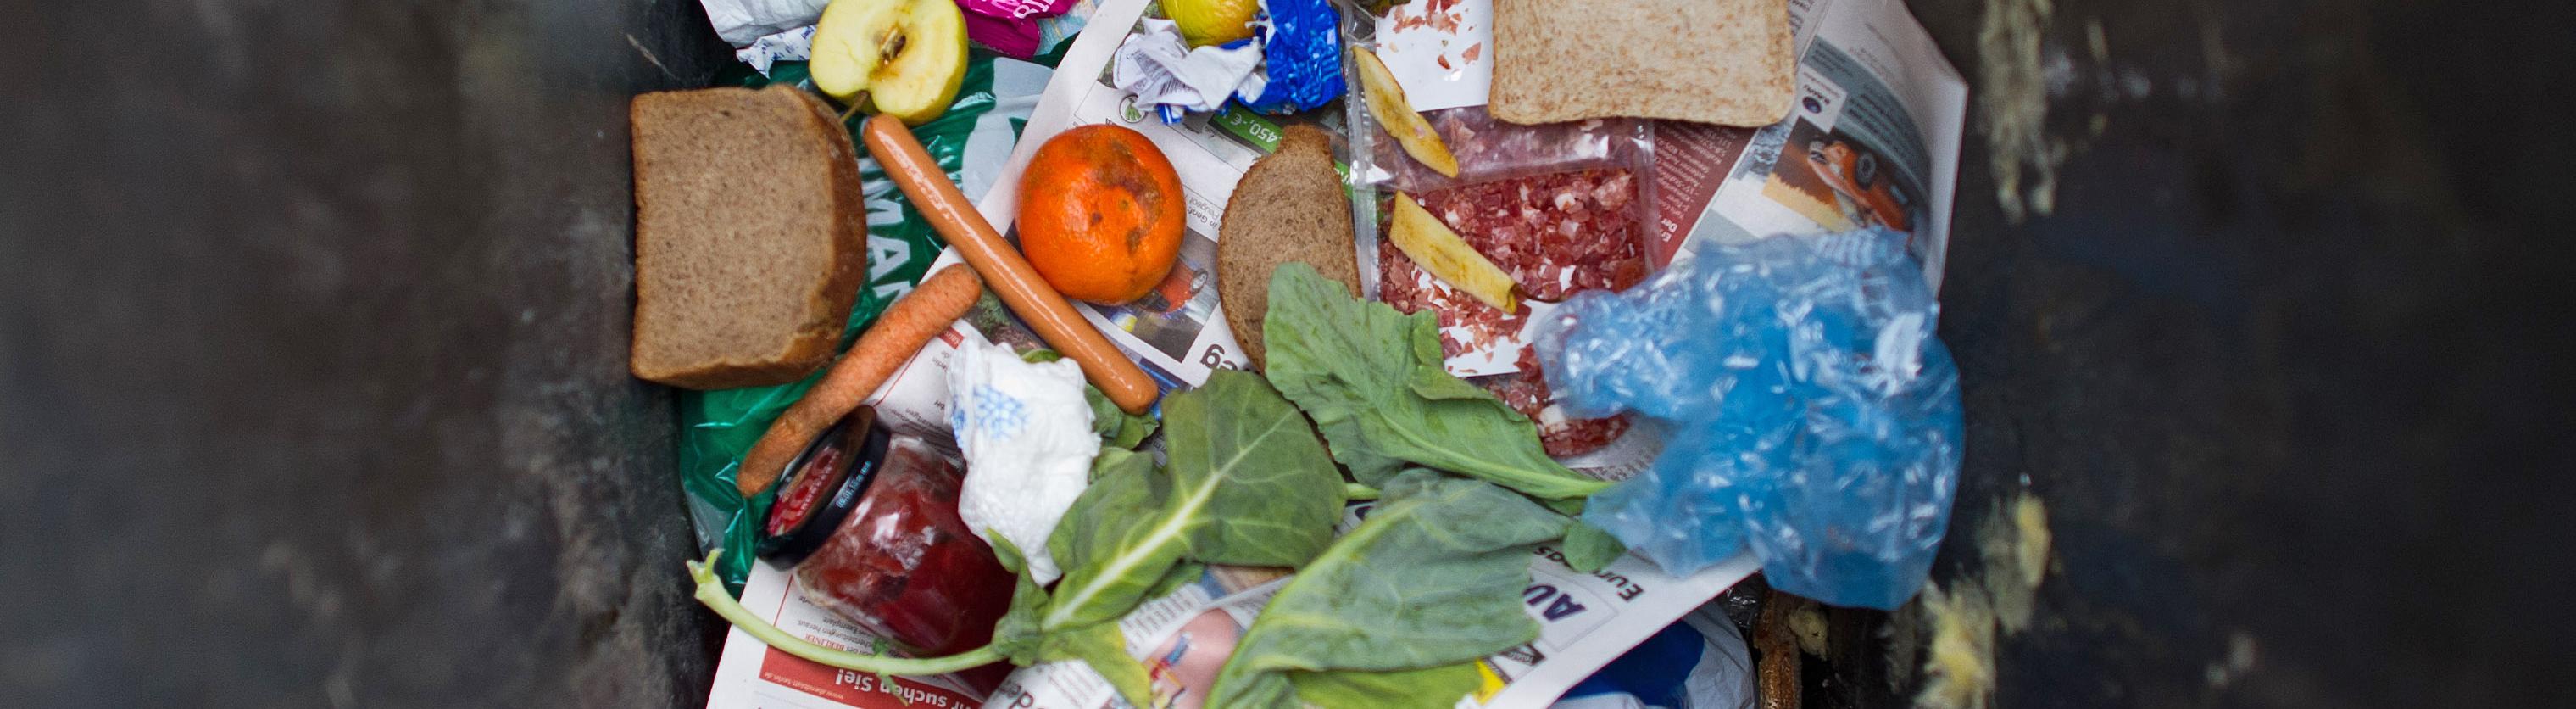 Blick in eine Mülltonne, in der neben Papier auch Wurst, Brot, Karotten, Äpfel, eine Orange und ein volles Marmeladenglas liegen; Bild: dpa